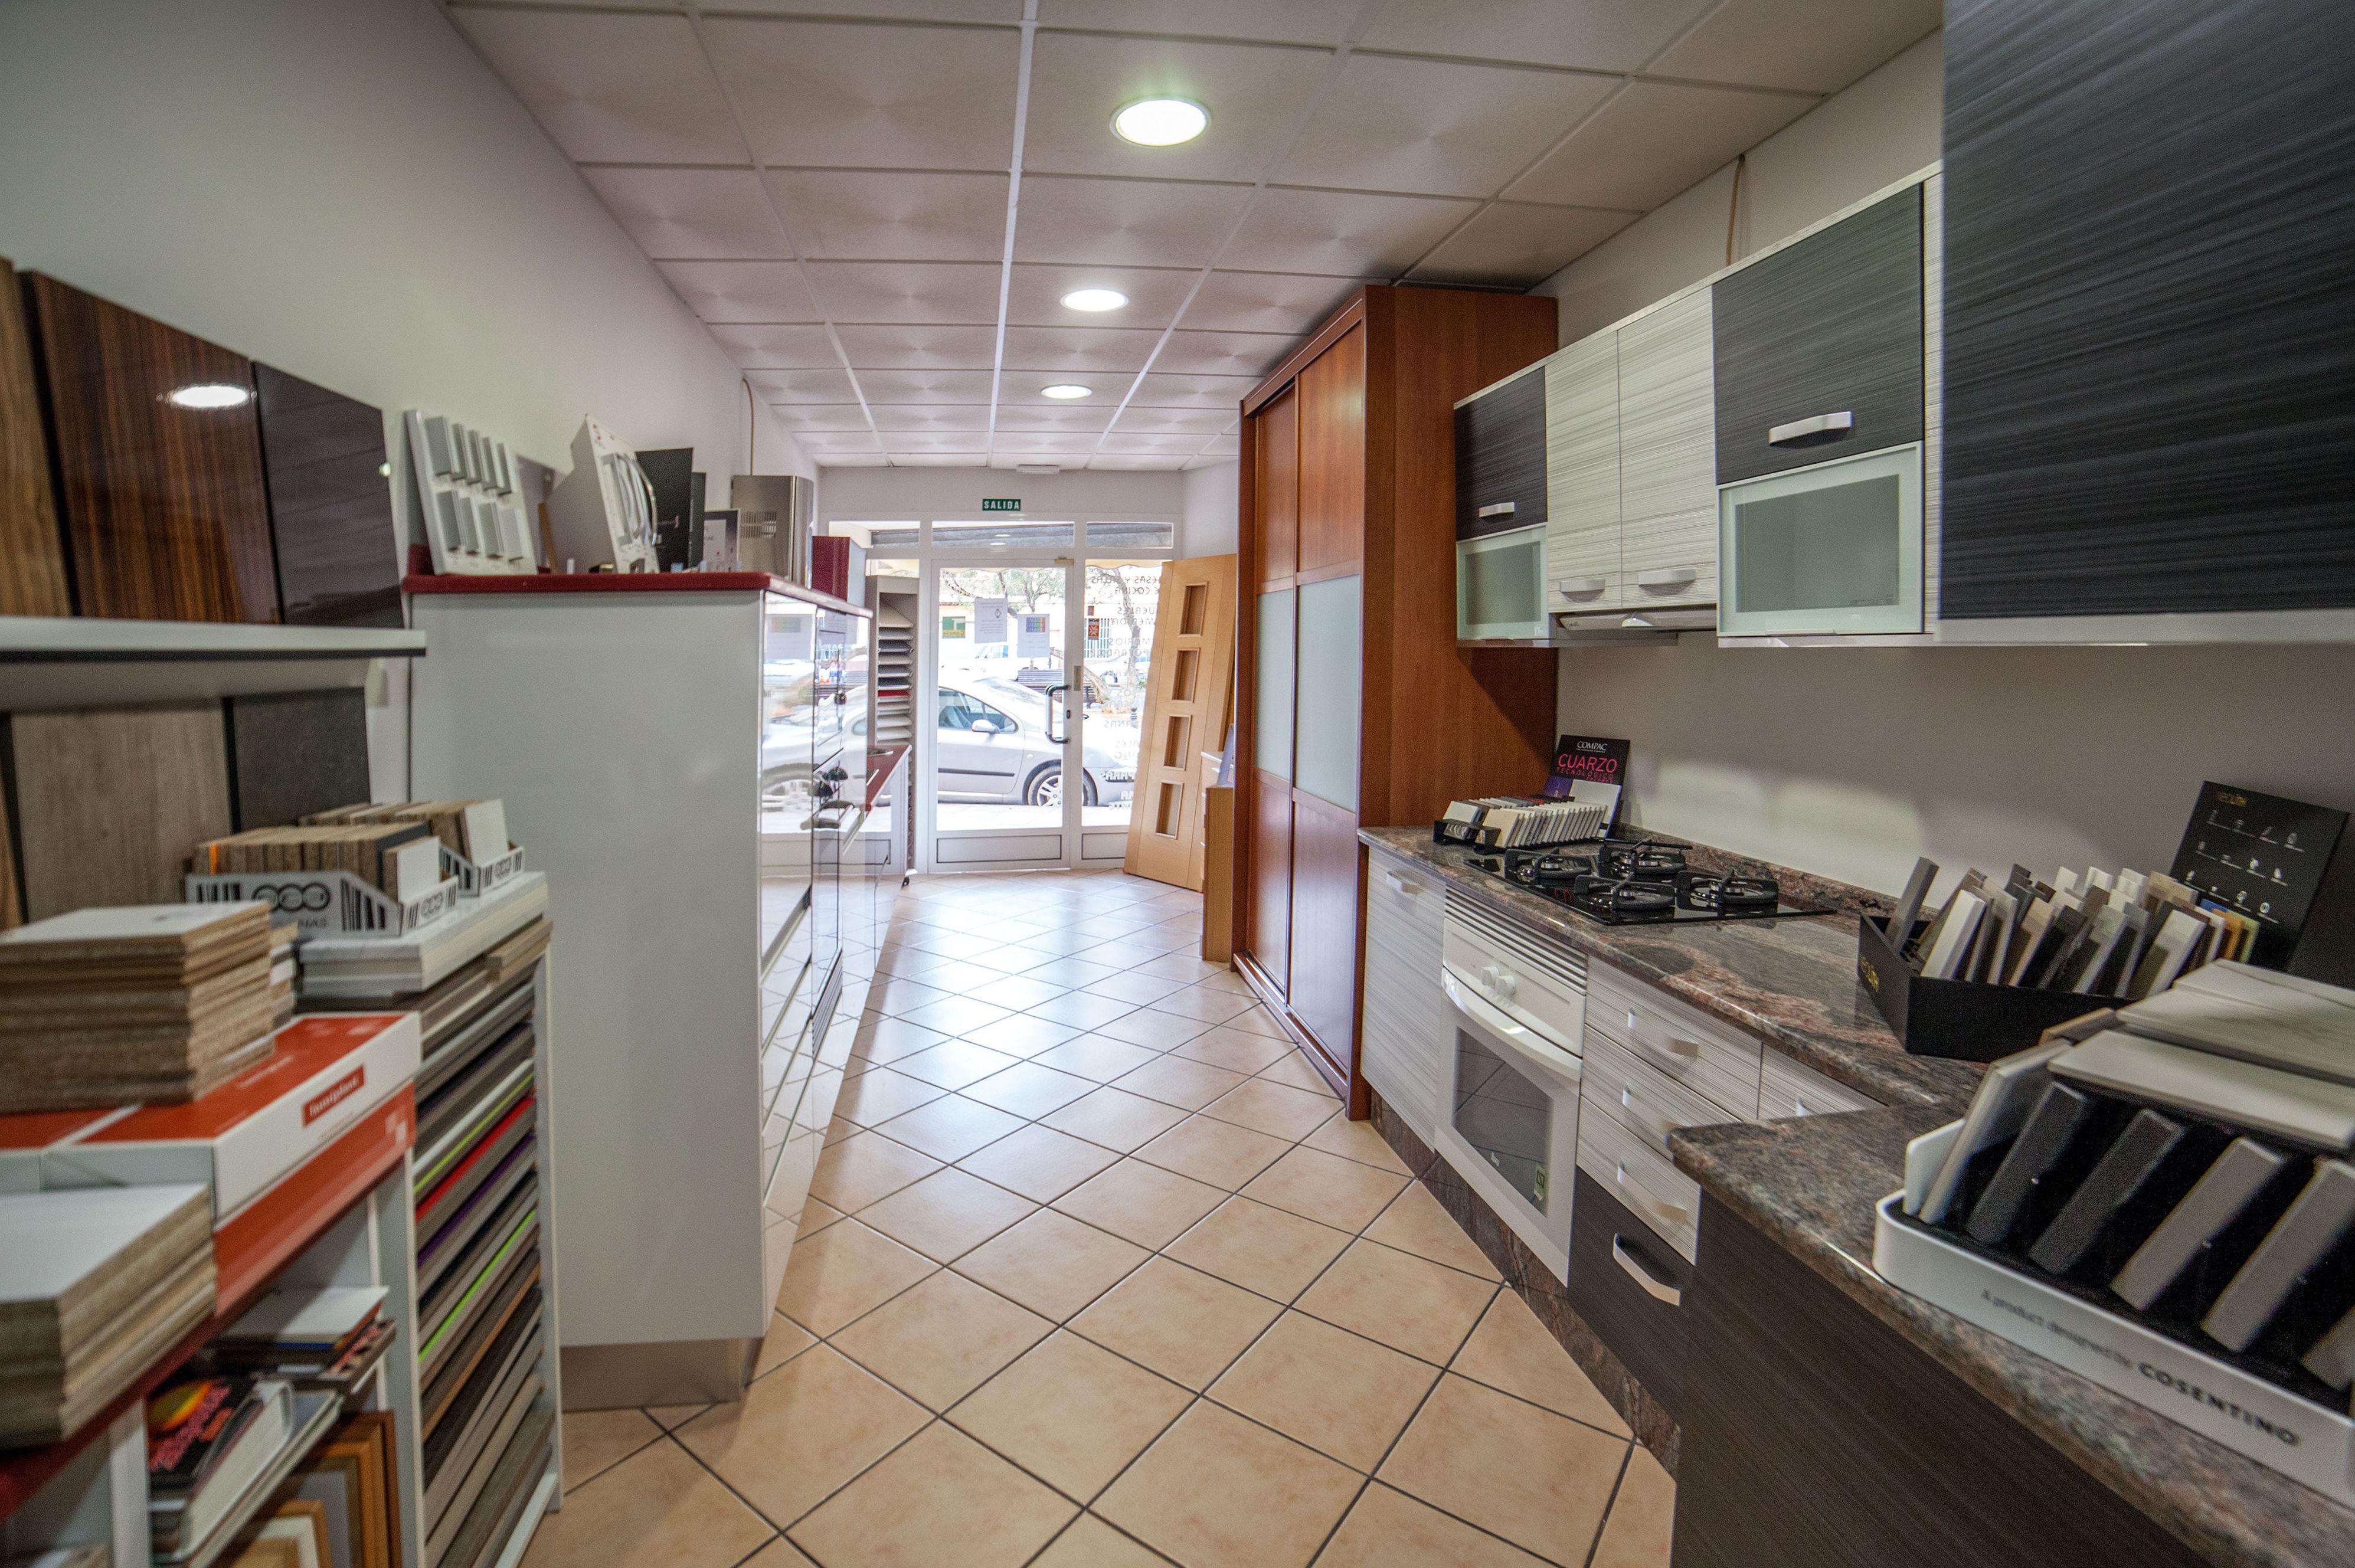 Tienda De Muebles Castellon Free Muebles Boom En Vall De Uxo With  # Muebles Naluna Castellon